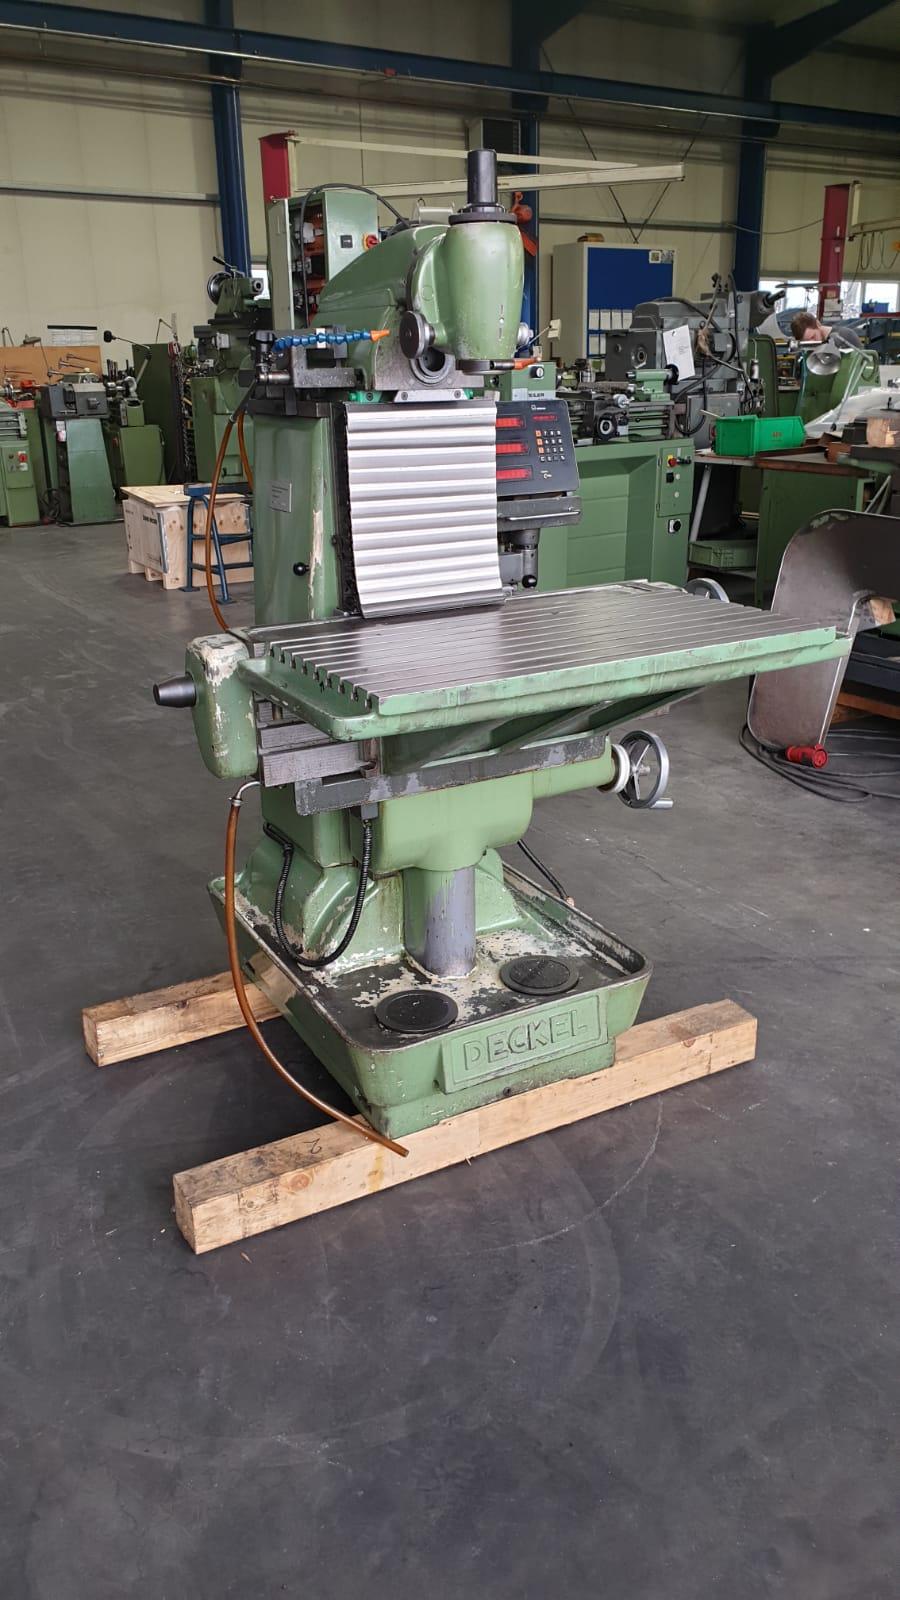 Fräsmaschine: Deckel FP2 (Gebraucht)